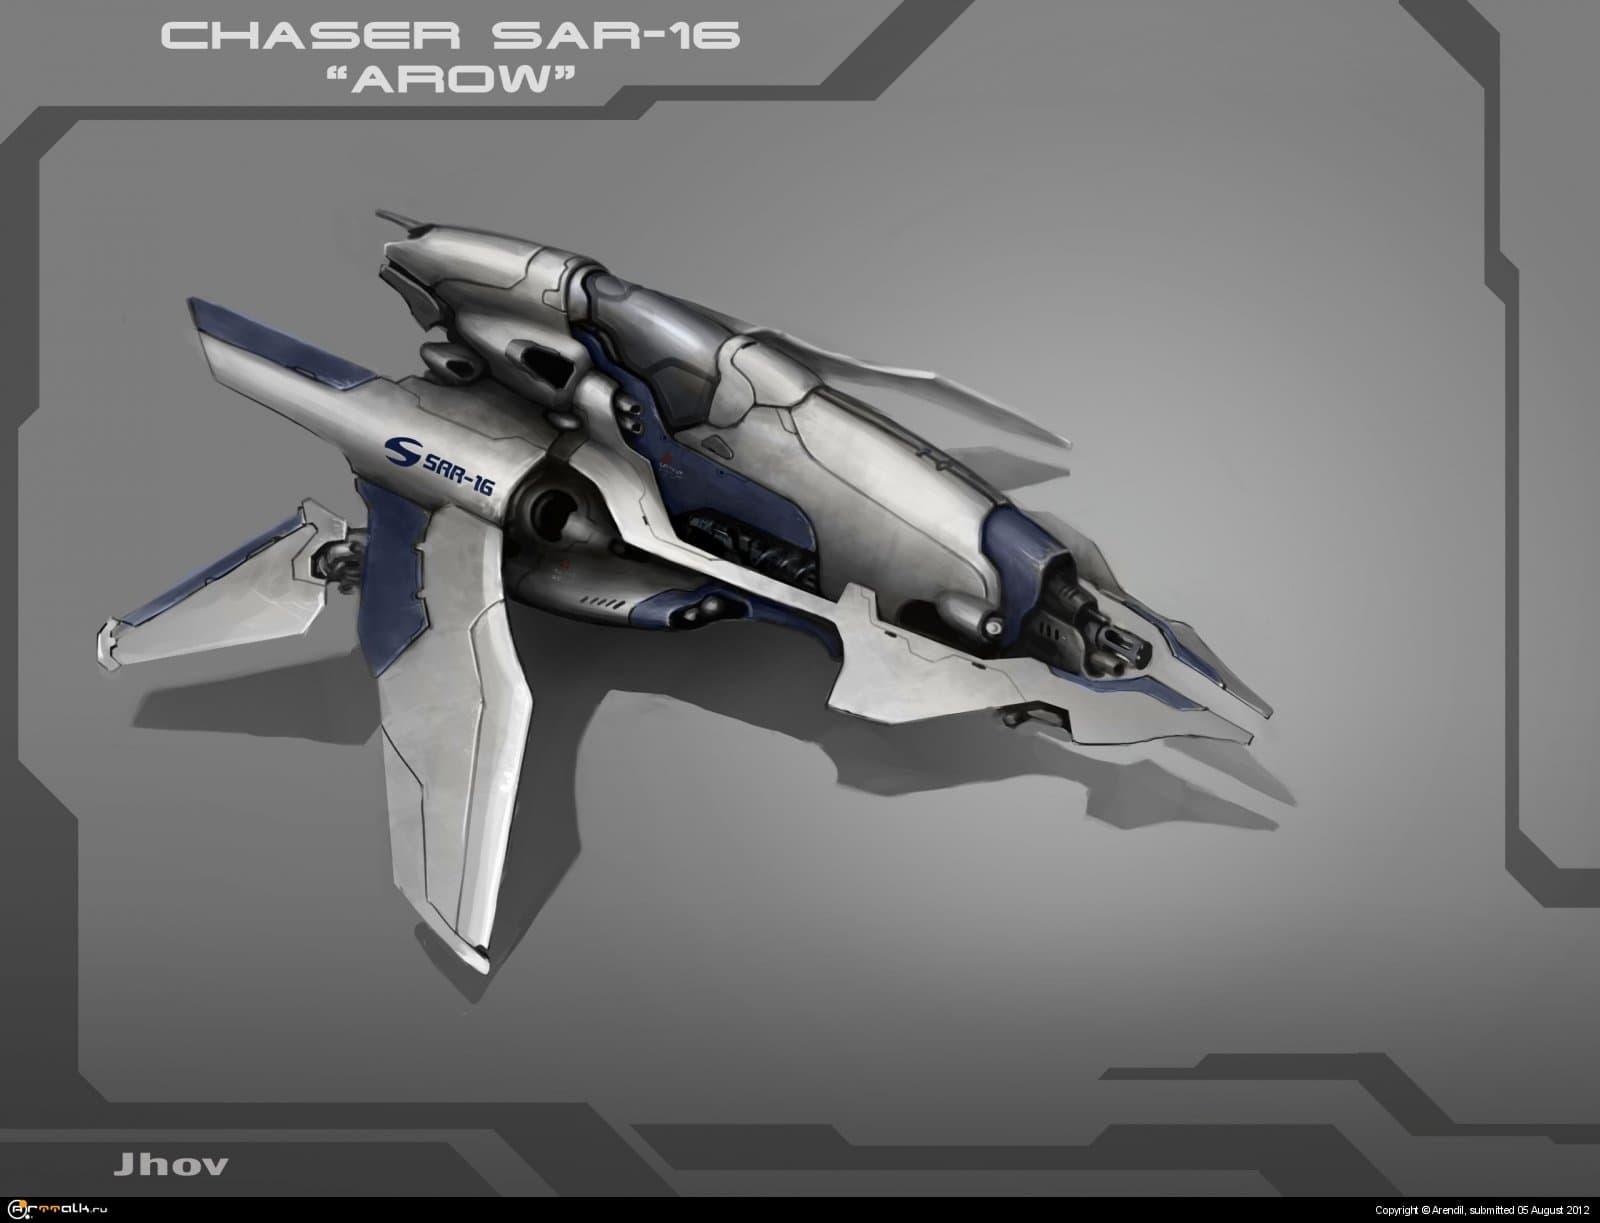 Chaser Sar-16 Arow